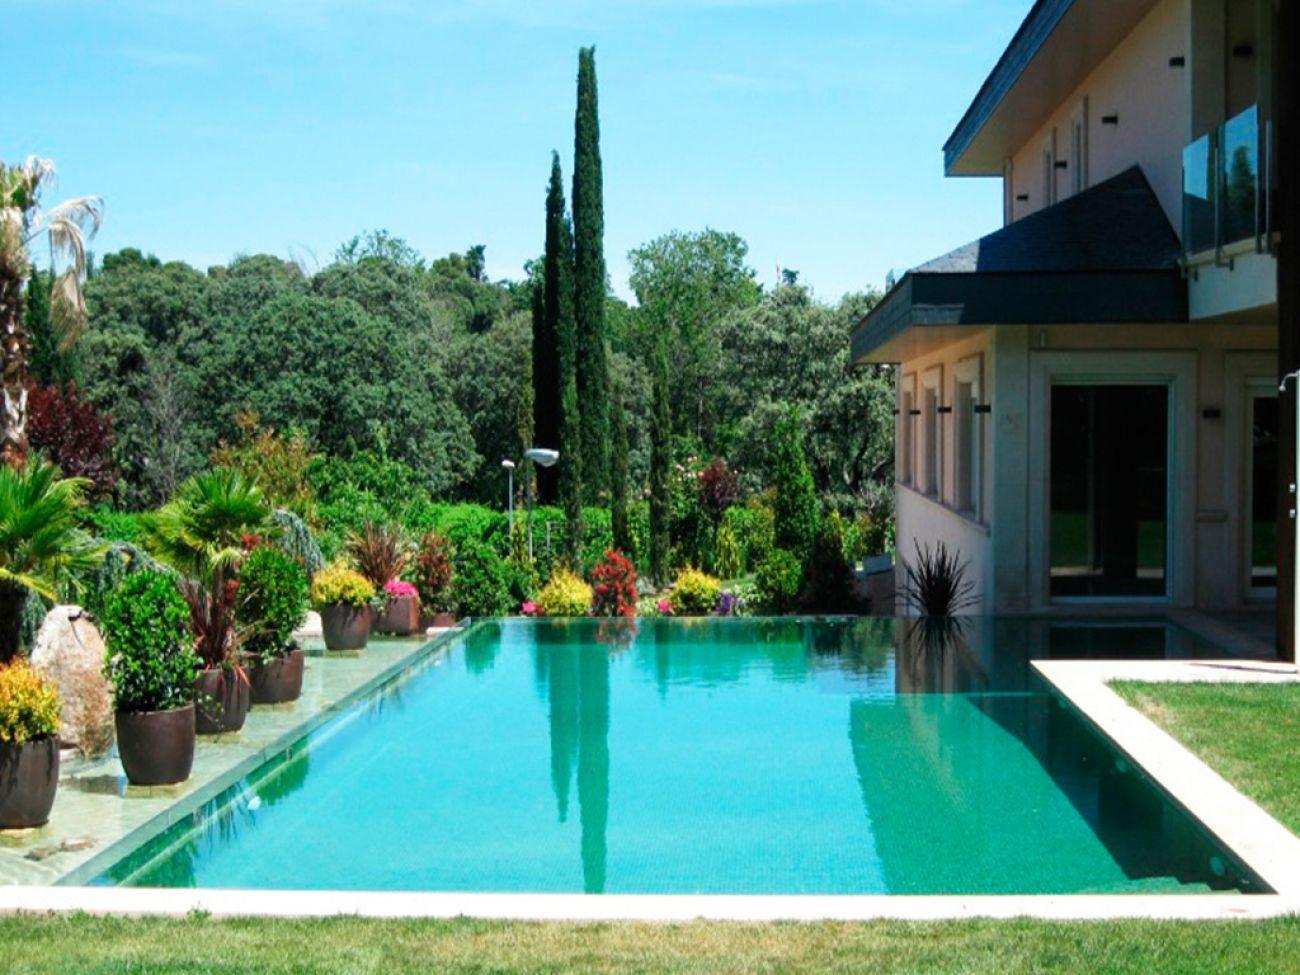 Construcci n de piscina desbordante infinity en madrid for Piscina de alcobendas